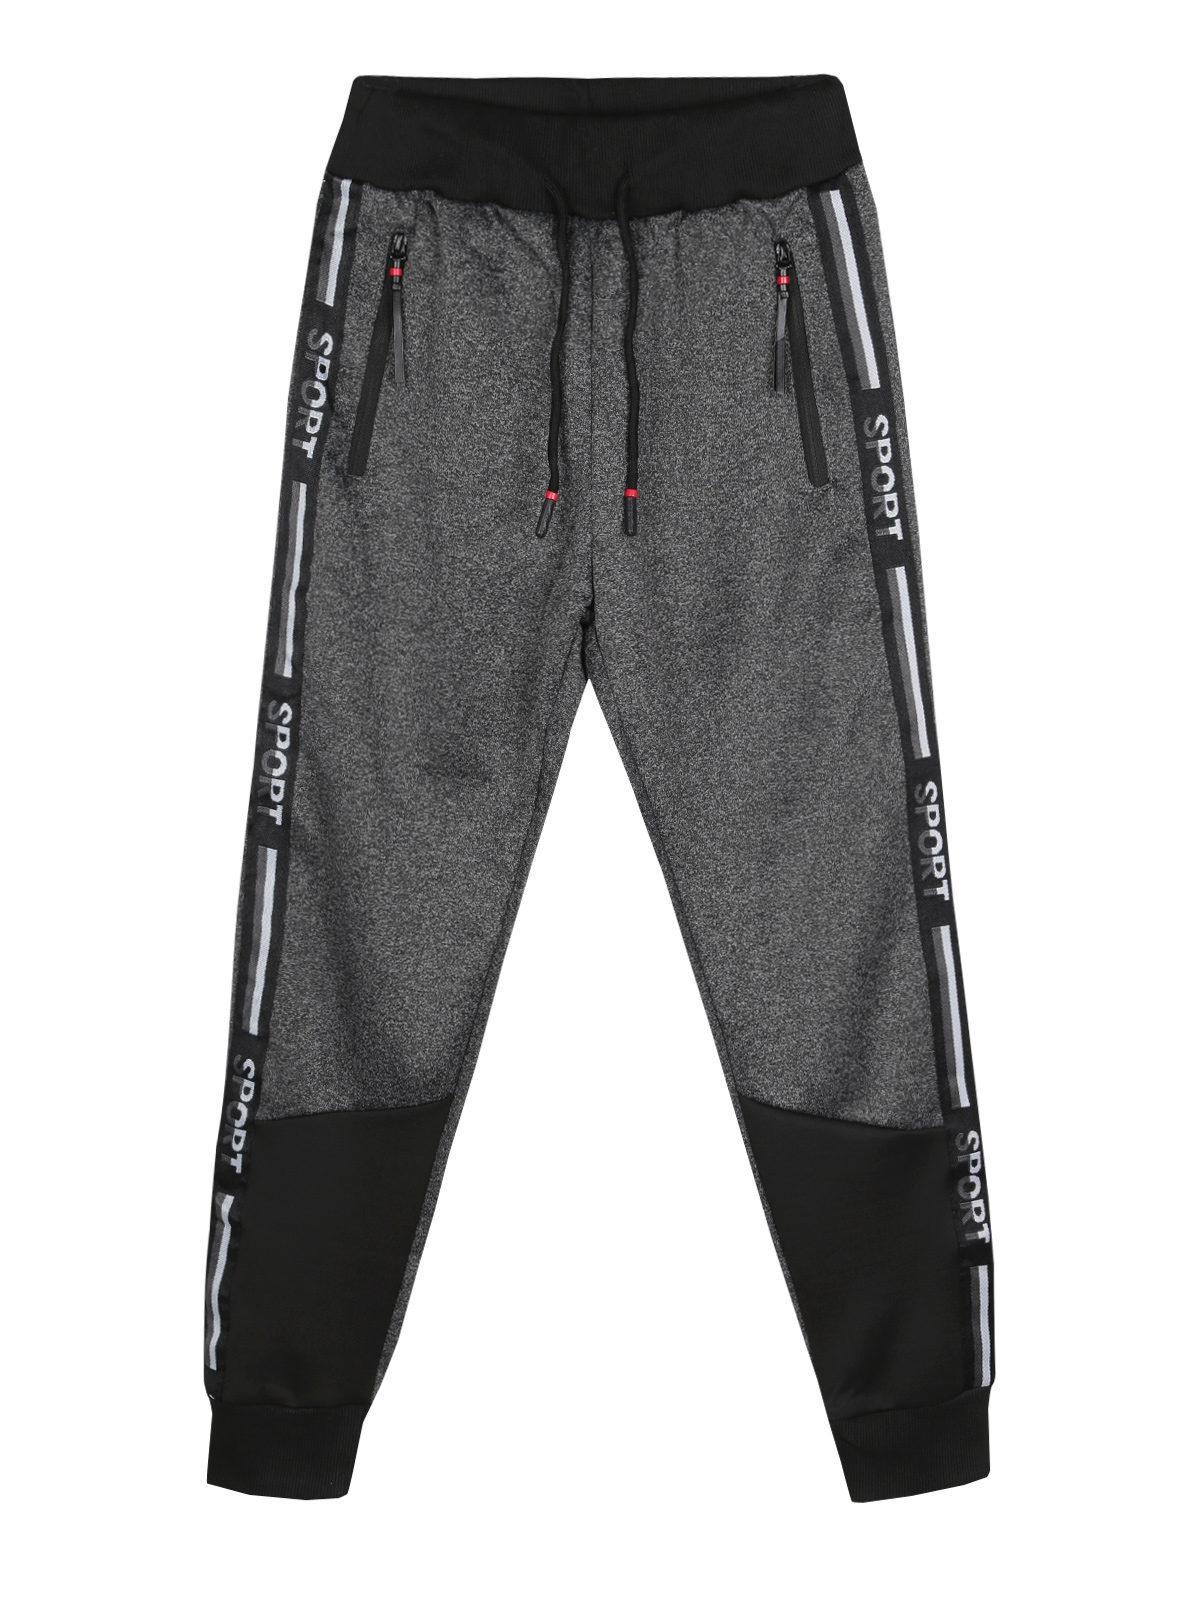 miglior sito web e2fb8 ddeac Pantaloni da ginnastica con polsini hello boy   MecShopping